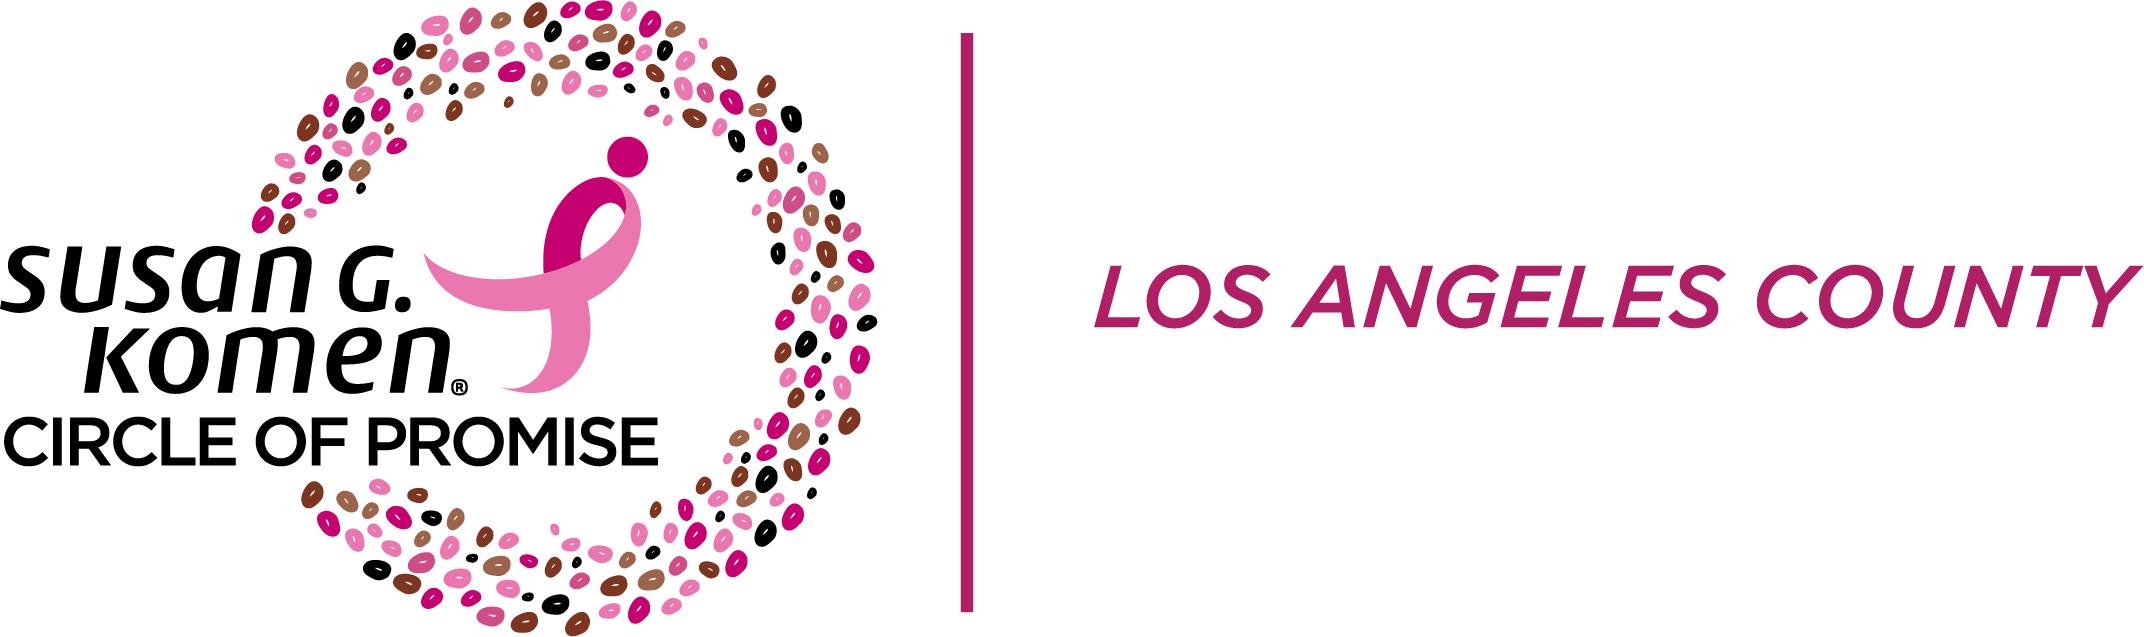 Circle of Promise   Susan G Komen® Los Angeles